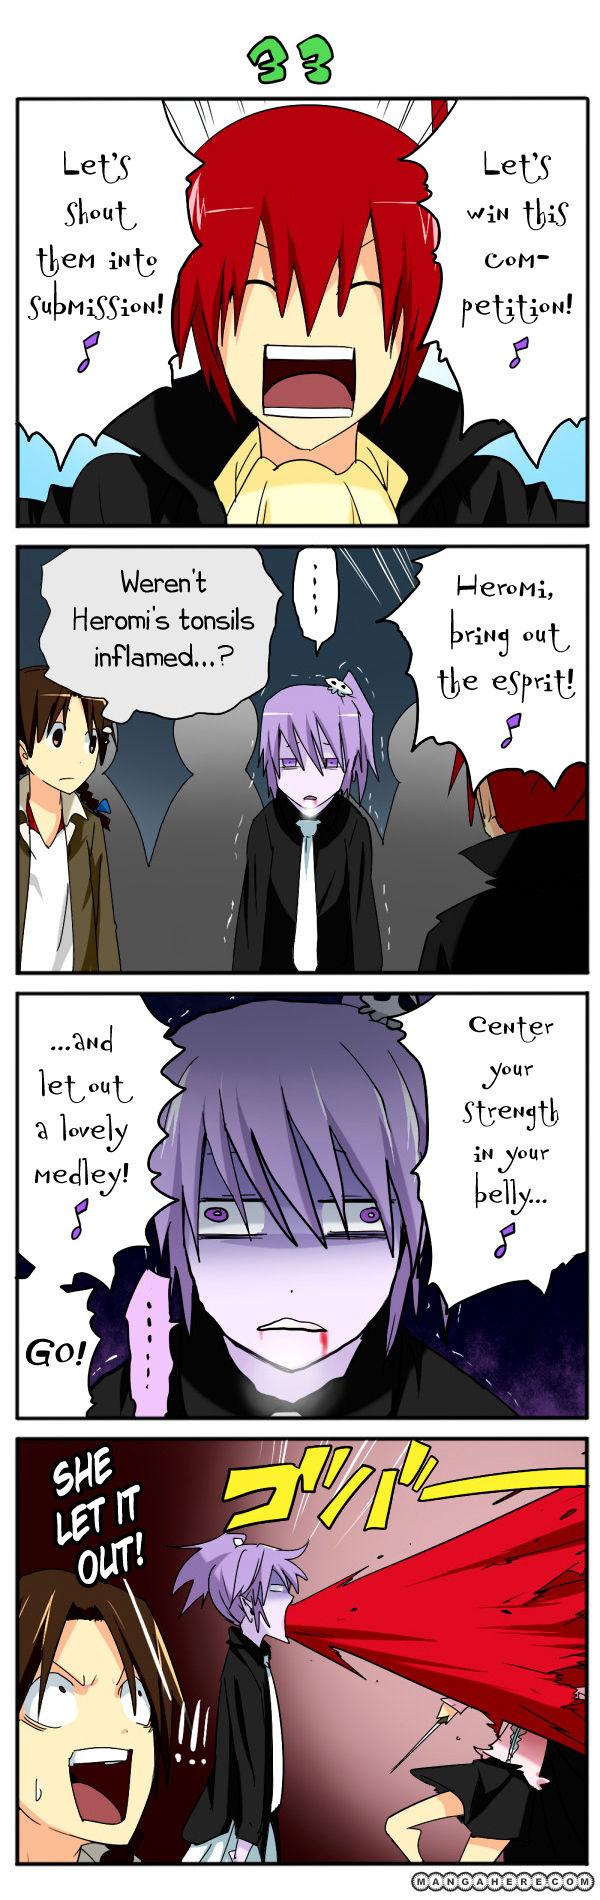 Sadomi the Sadist Girl Strikes Back 31 Page 3